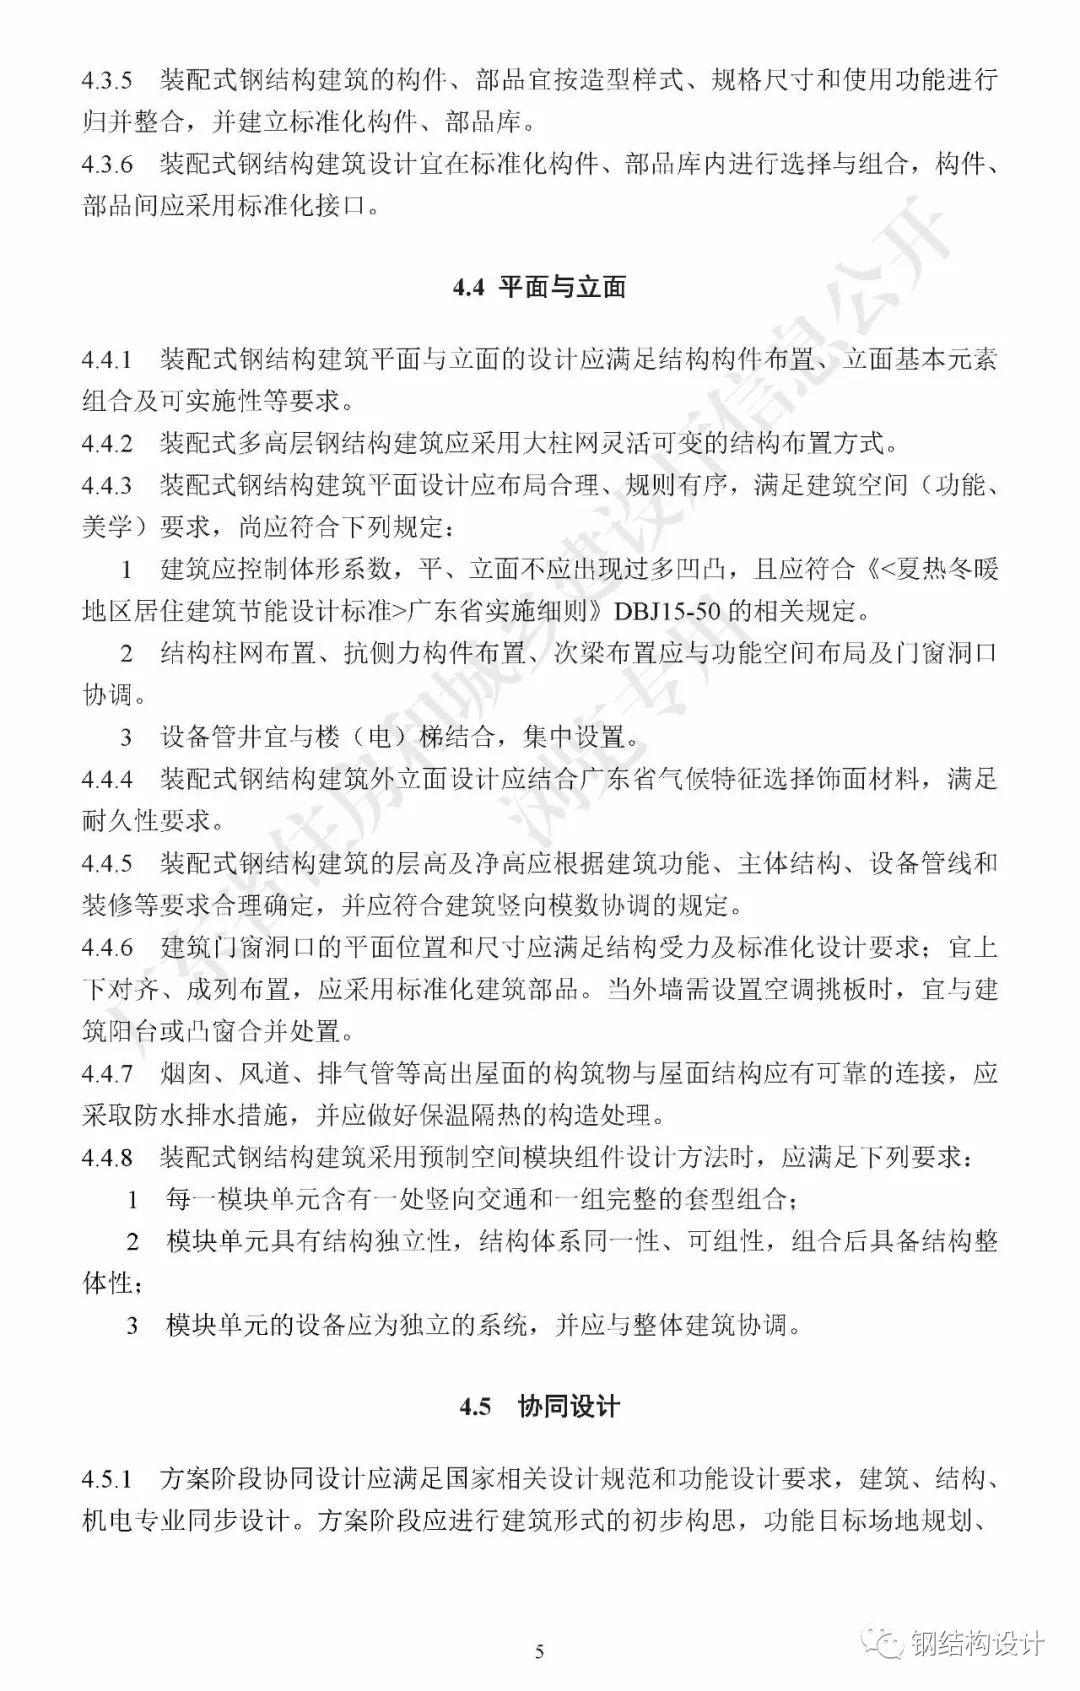 广东省《装配式钢结构建筑技术规程》发布_15